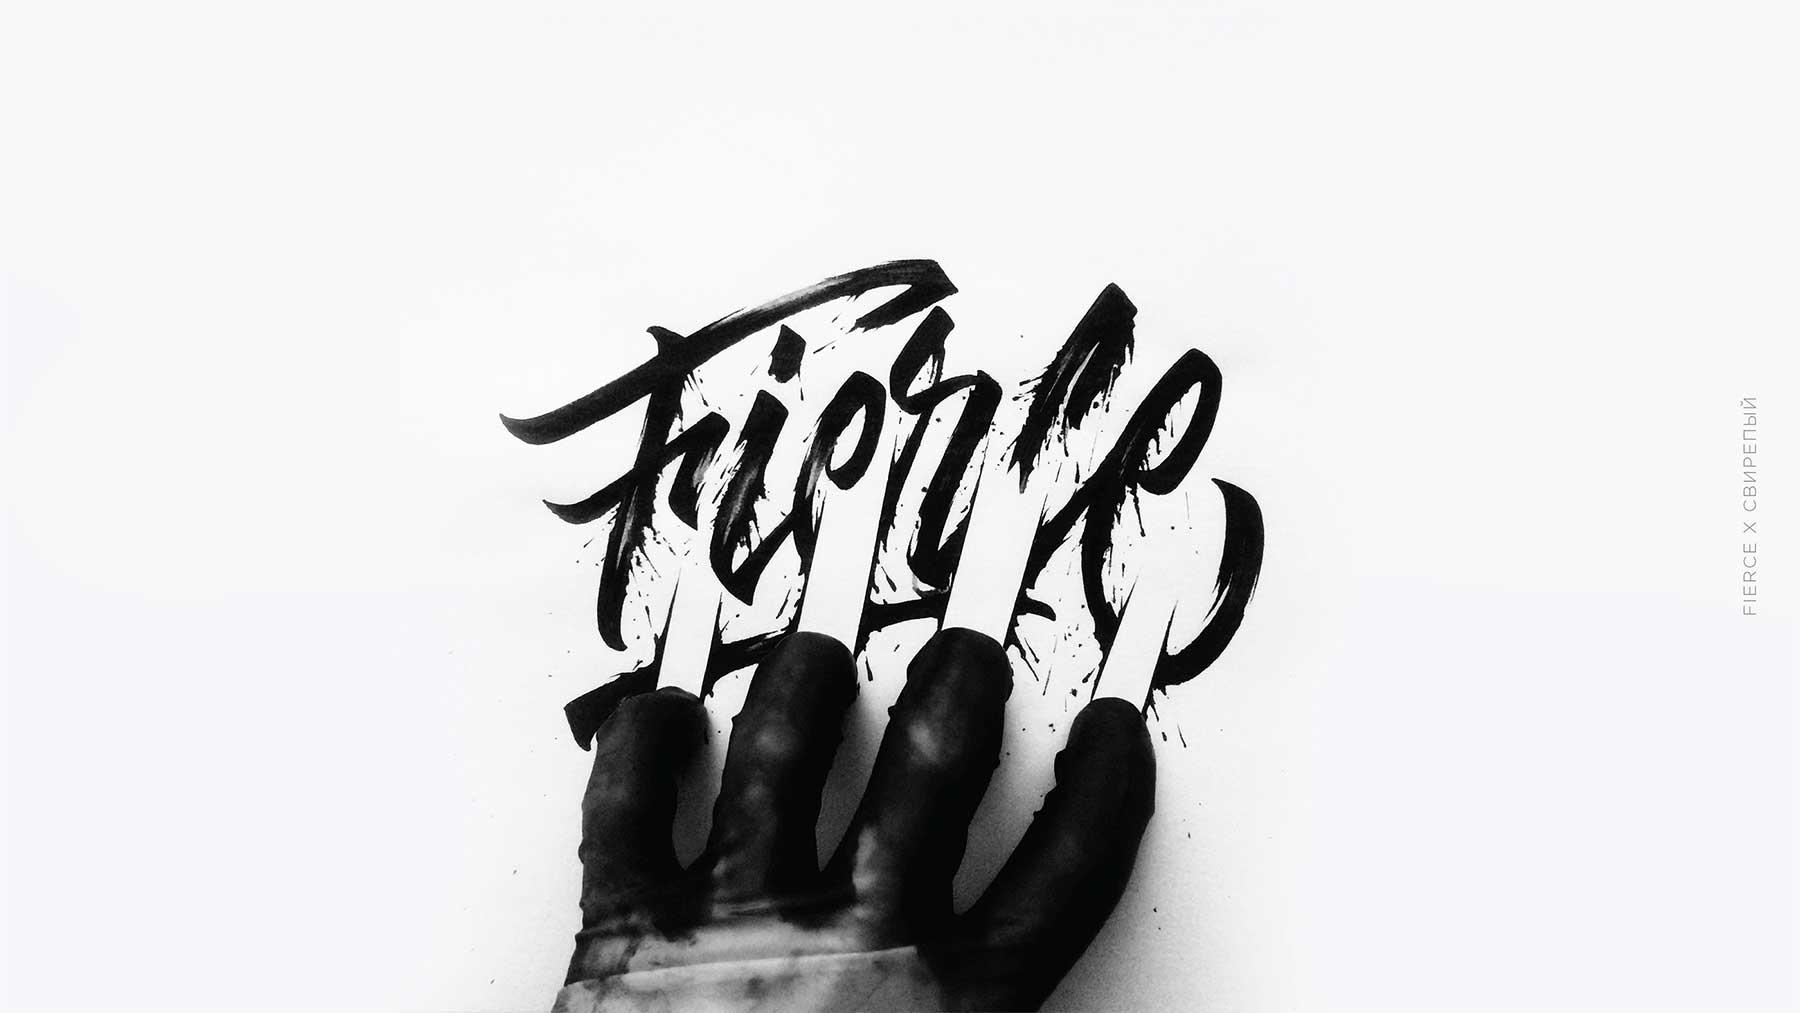 Schöngeschriebenes entsprechend der Wortbedeutung Dima-AbraKadabra-calligraphy-meaning_01